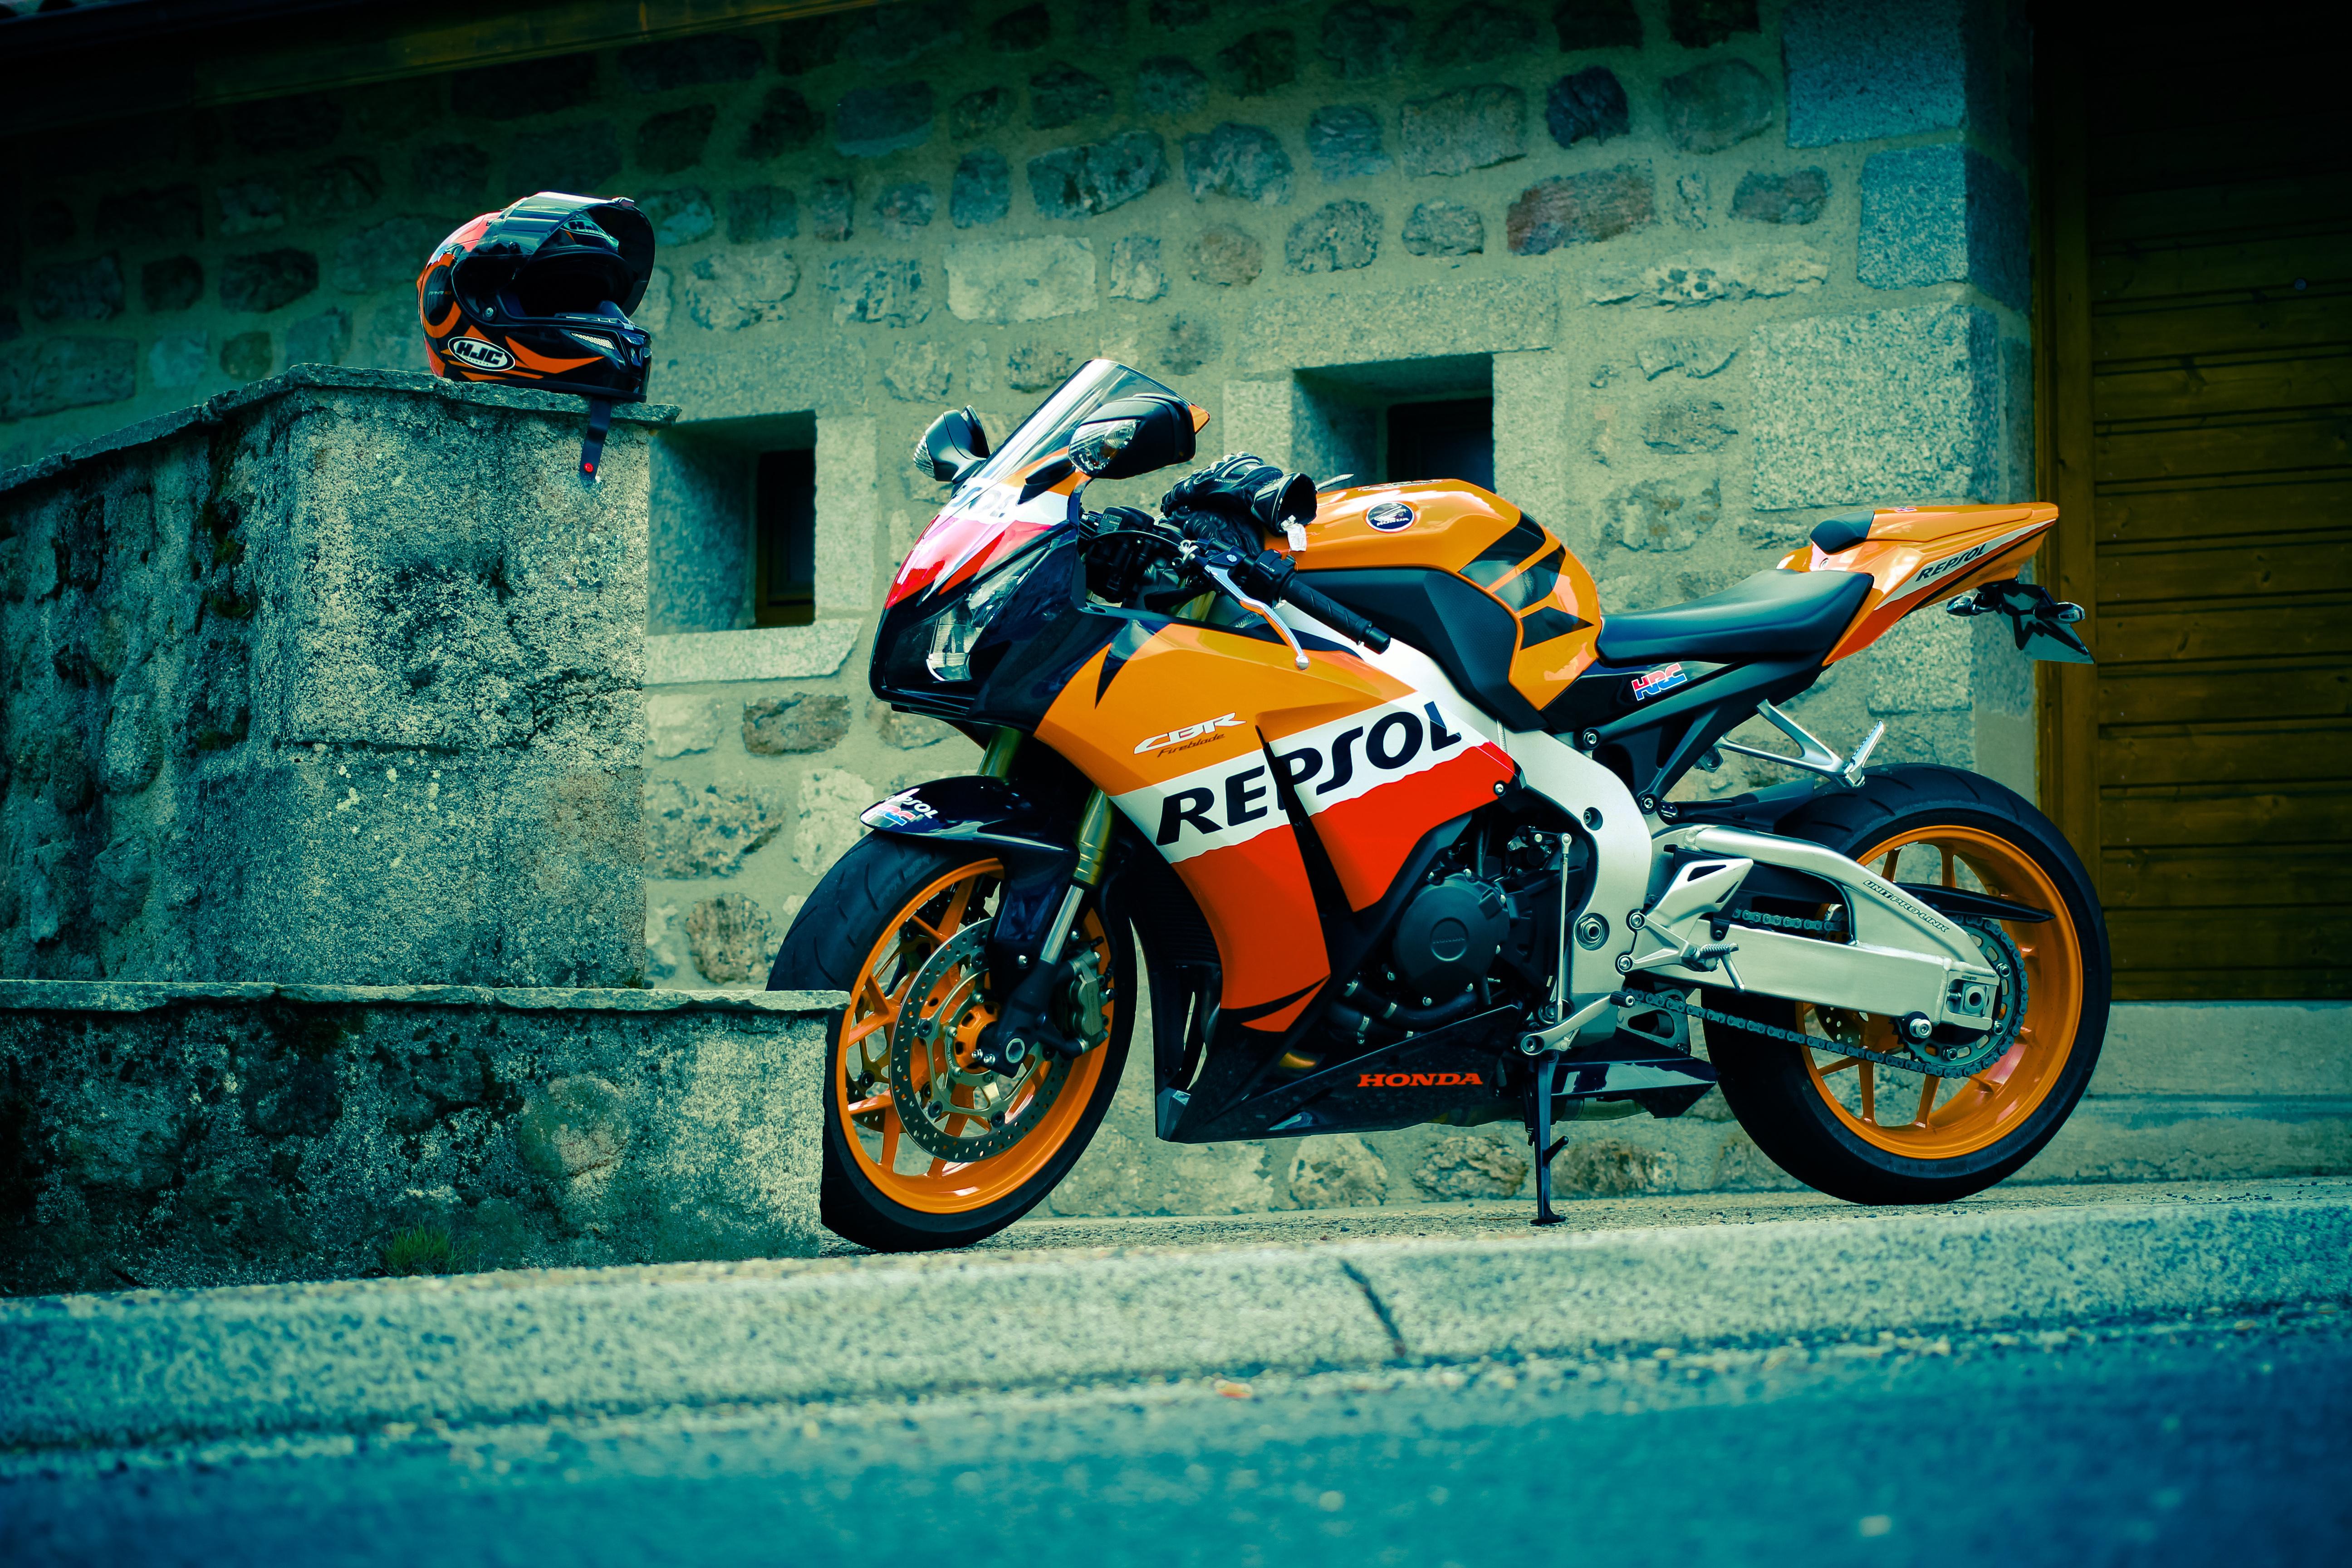 150791 Hintergrundbild herunterladen Honda, Motorräder, Das Schwarze, Cbr, Fireblade, Feuerschwert, Repsol - Bildschirmschoner und Bilder kostenlos